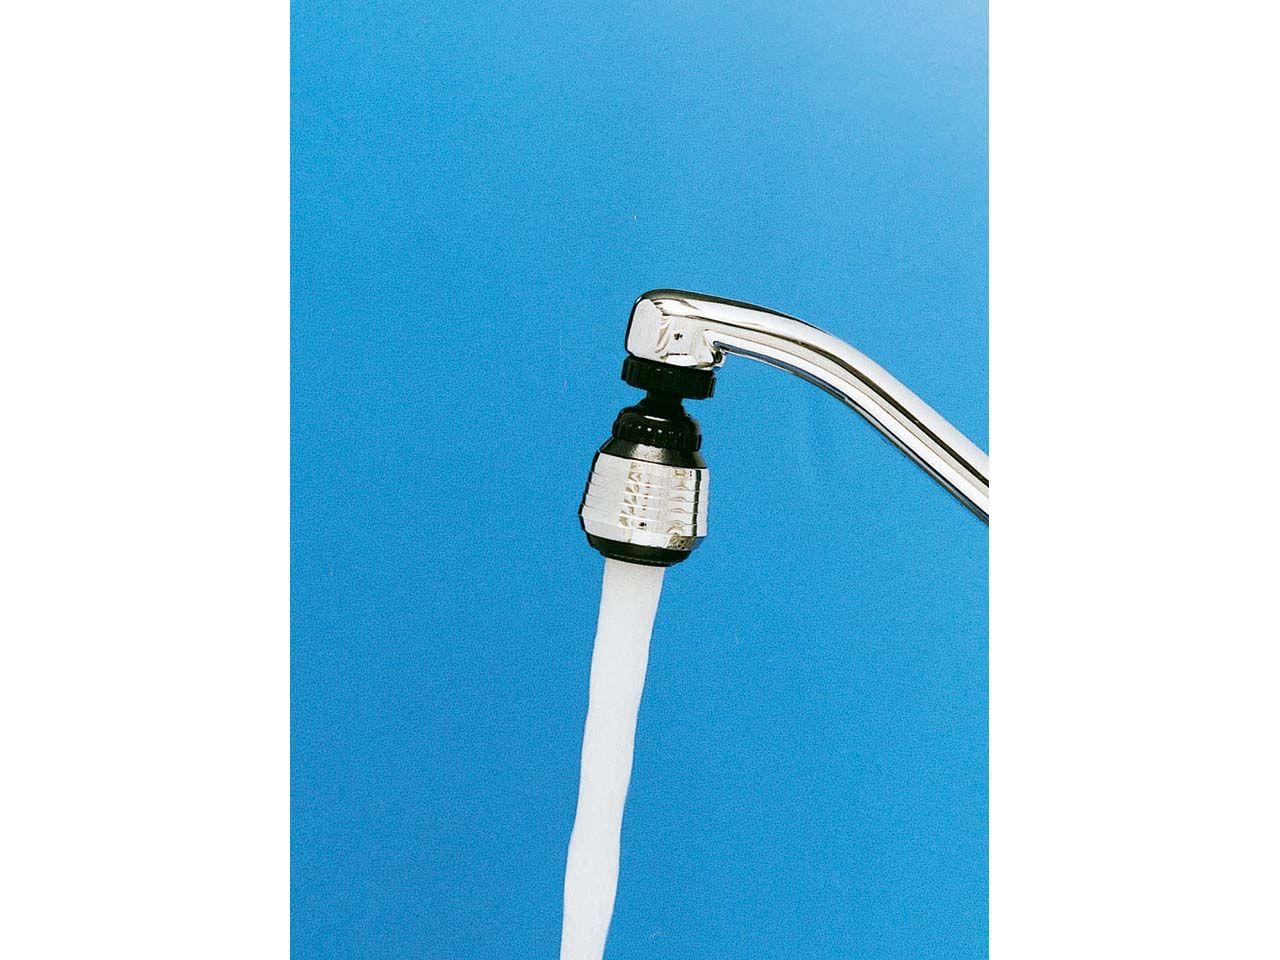 Küchenbrause mit Spareinsatz für Hähne M22/M24 252H21